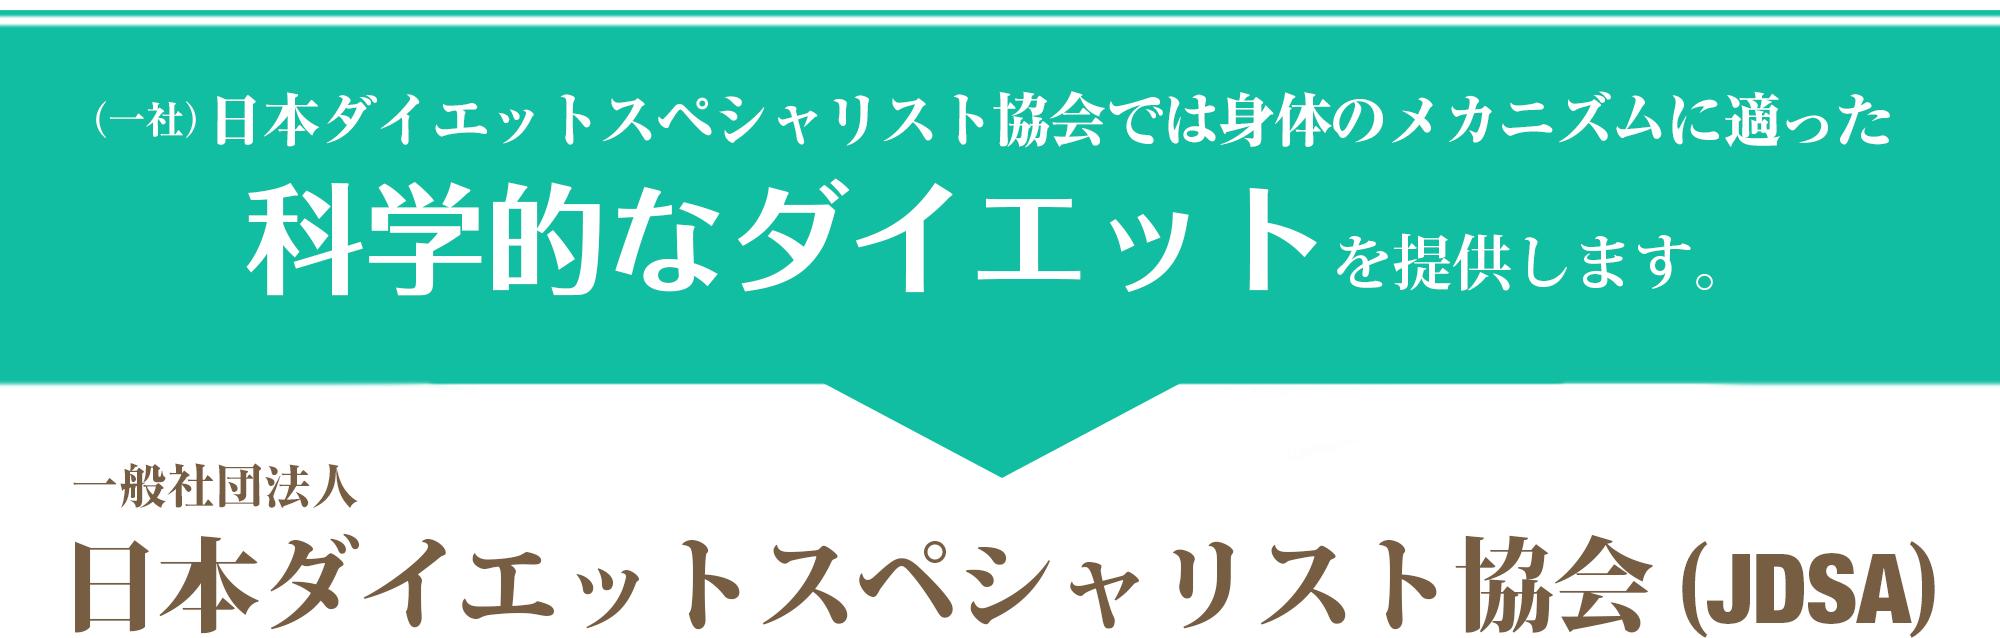 日本ダイエットスペシャリスト協会では身体のメカニズムに適った科学的なダイエットを提供します。